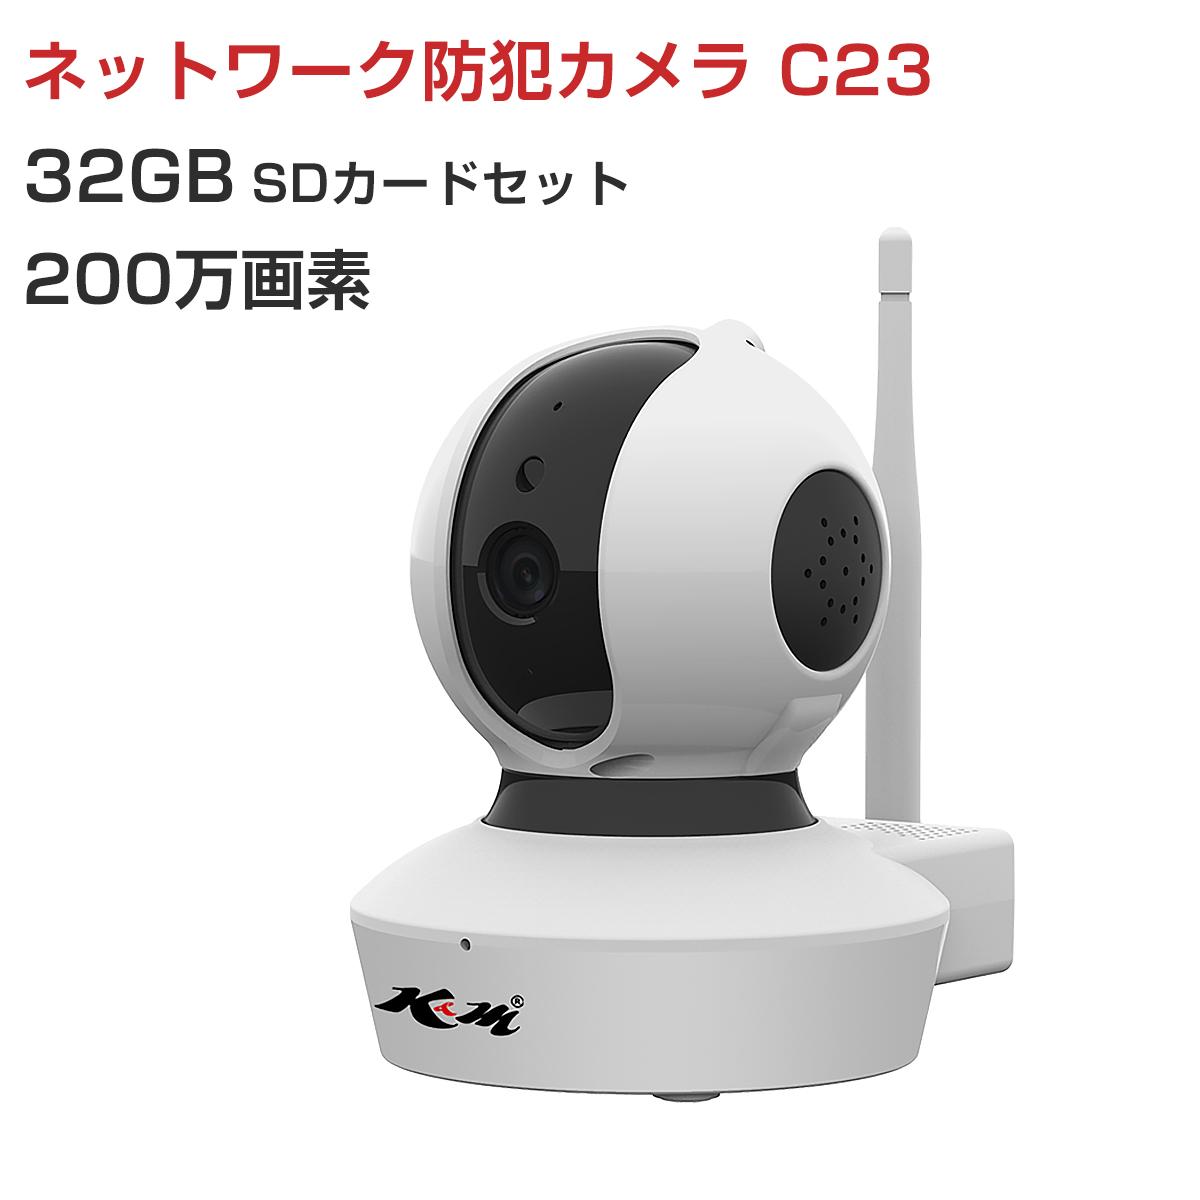 防犯カメラ 200万画素 C7823 新モデル SDカード32GB同梱モデル ペット ベビーモニター VStarcam ワイヤレス 無線WIFI MicroSDカード録画 屋内用 監視 ネットワーク IP WEB カメラ 宅配便送料無料 PSE 技適 1年保証 K&M